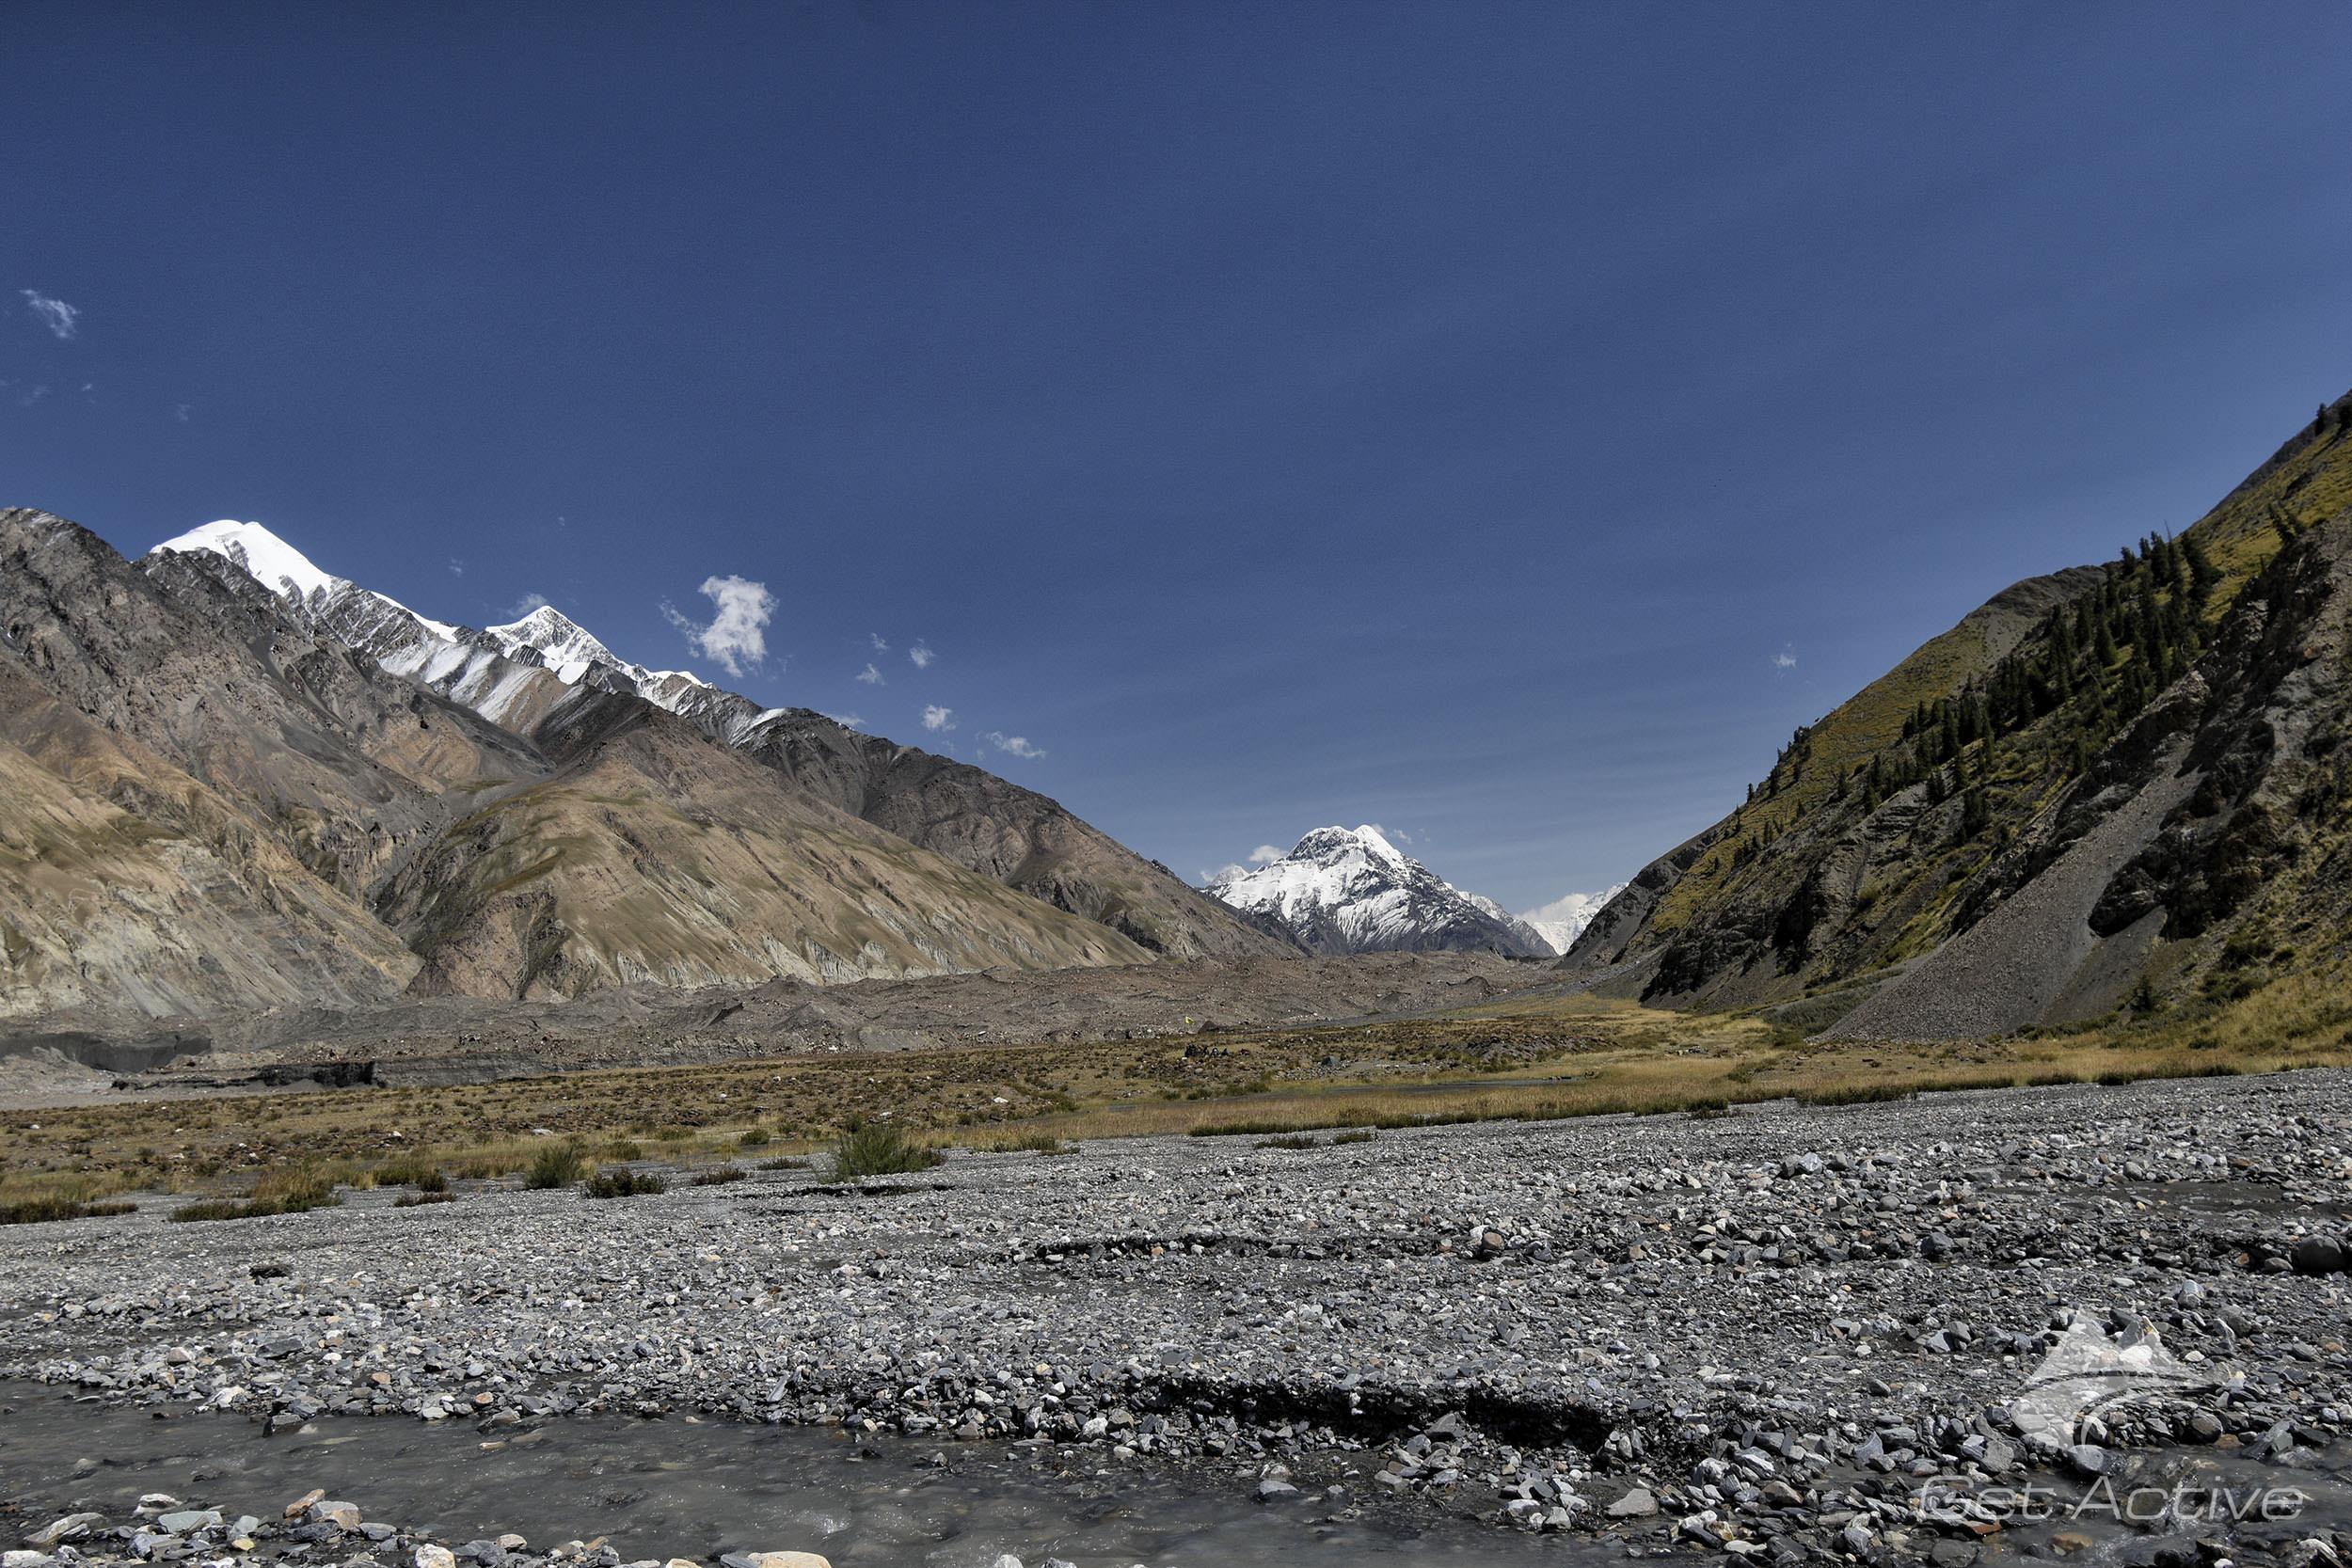 Za horou nacházející se uprostřed fotky vyčnívá vrchol Khan Tengri 7011m